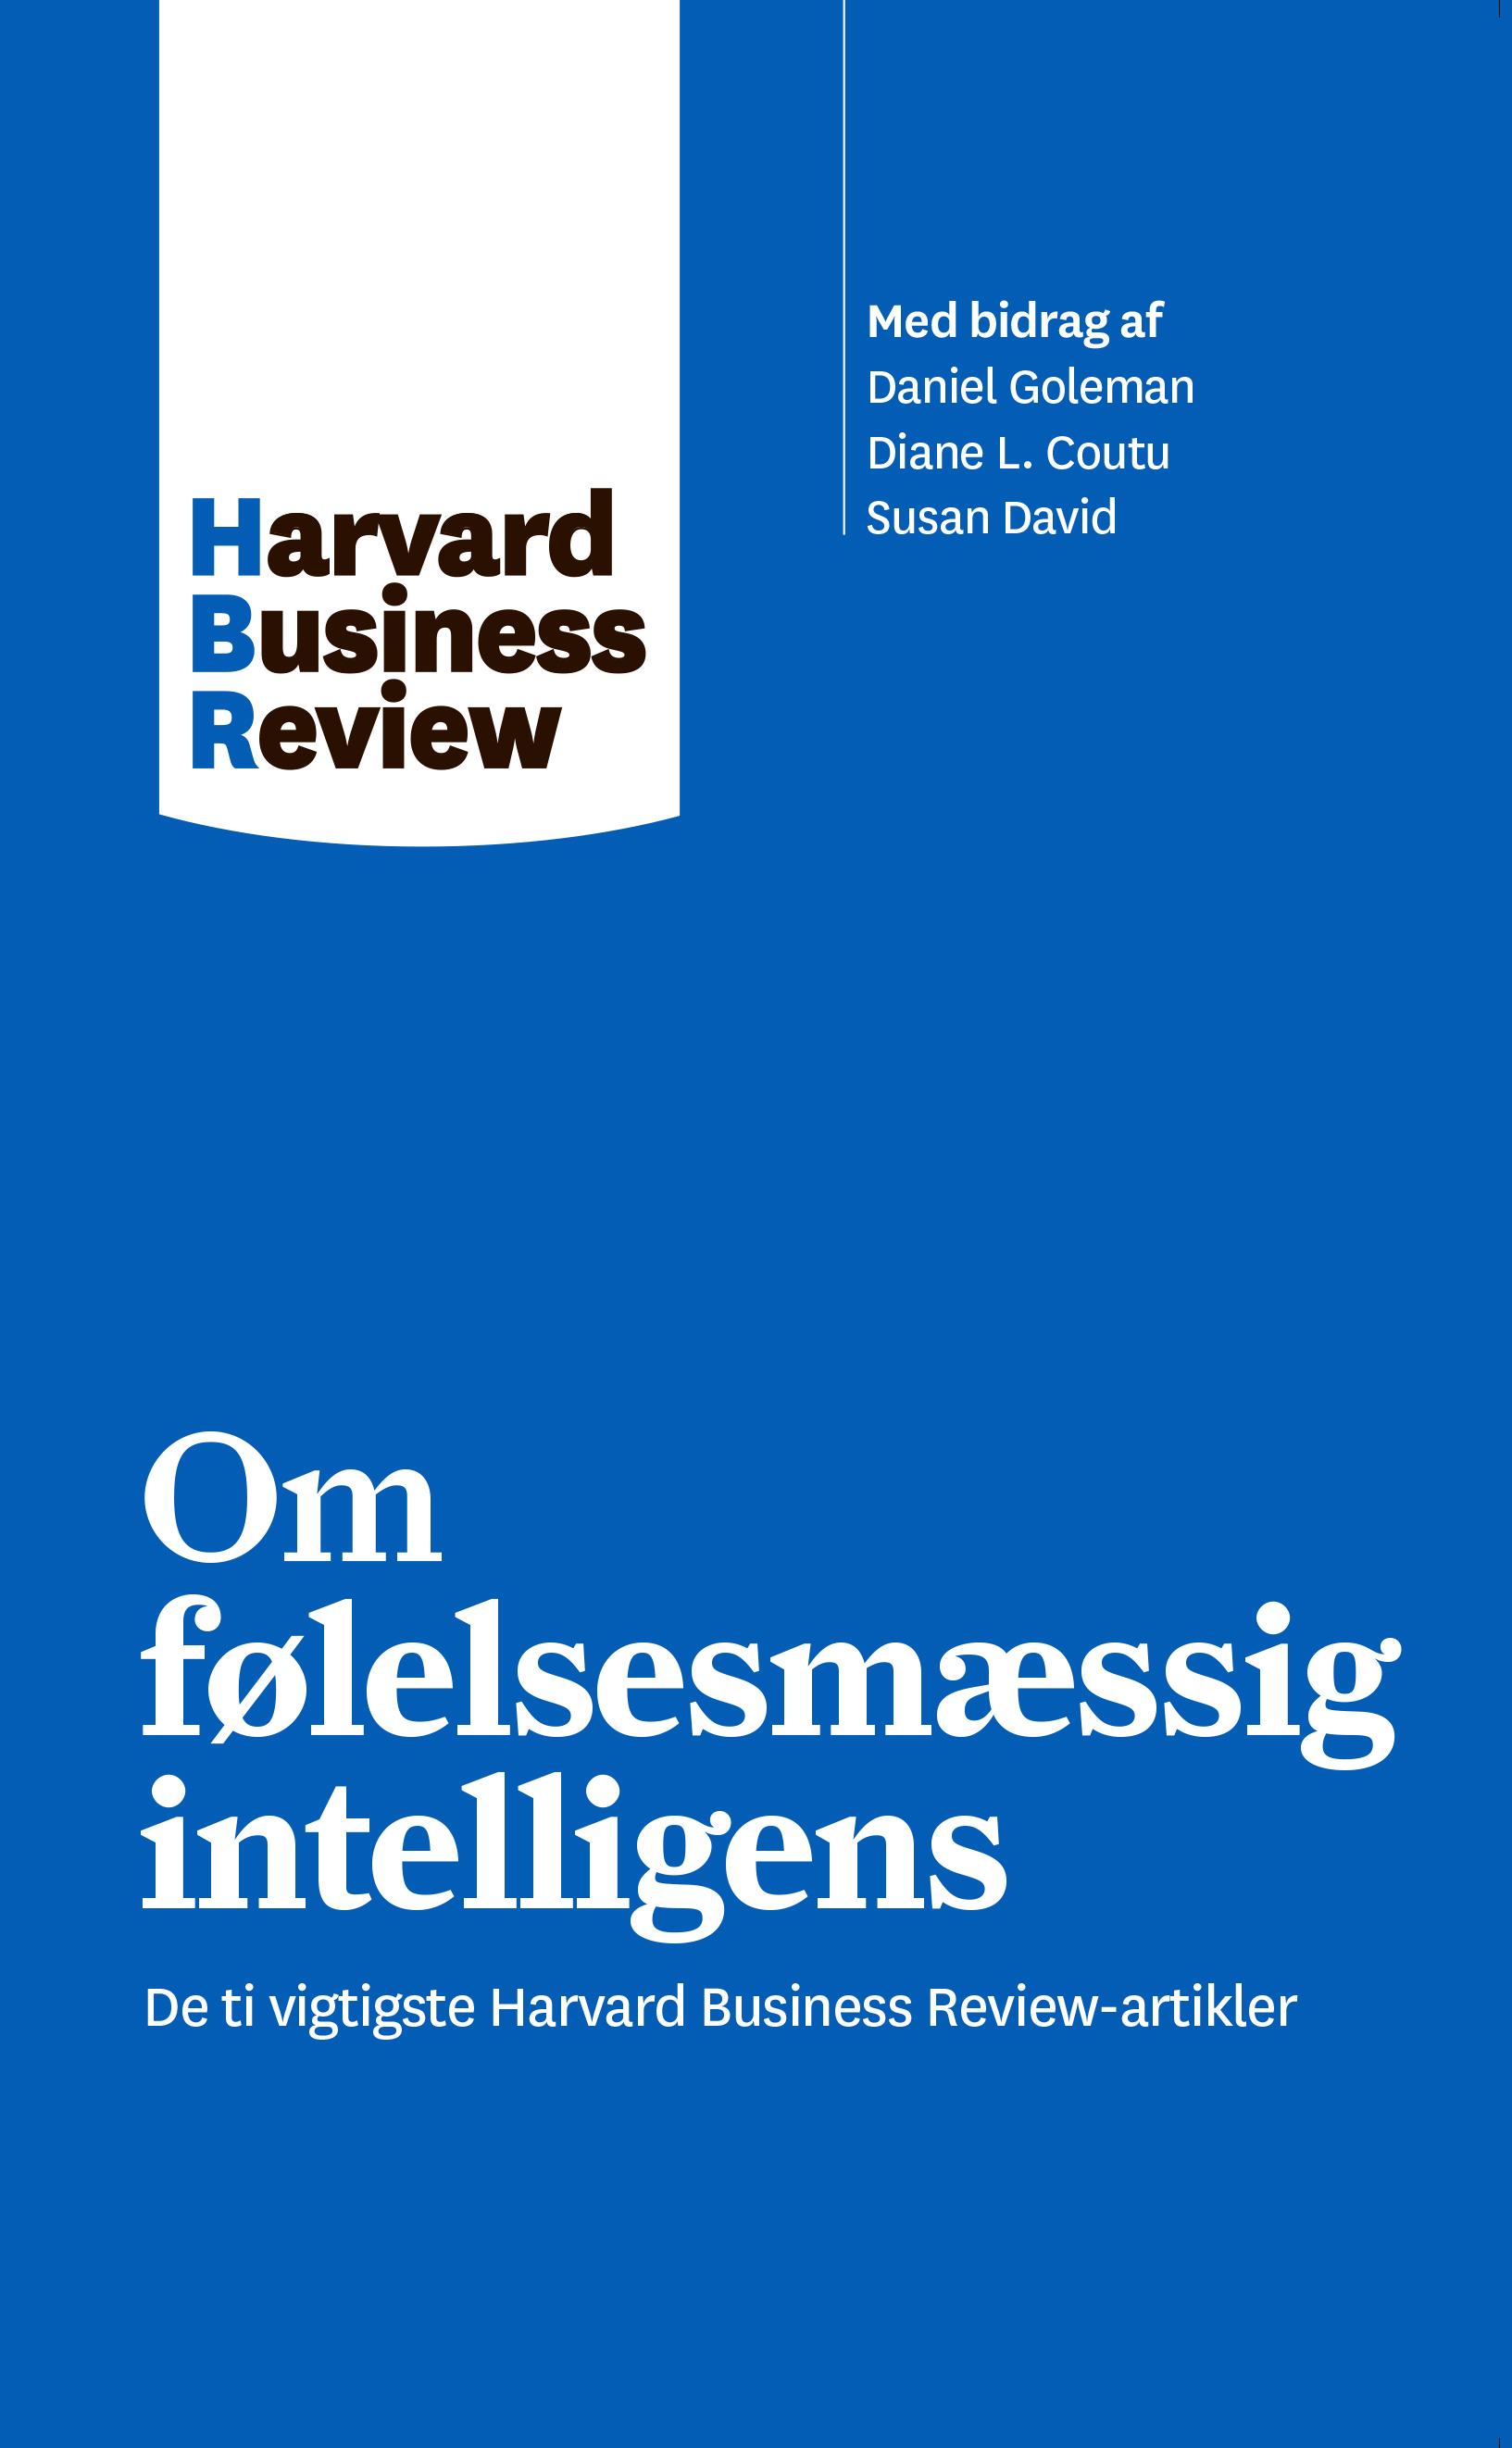 Om følelsesmæssig intelligens - e-bog fra N/A på bog & mystik